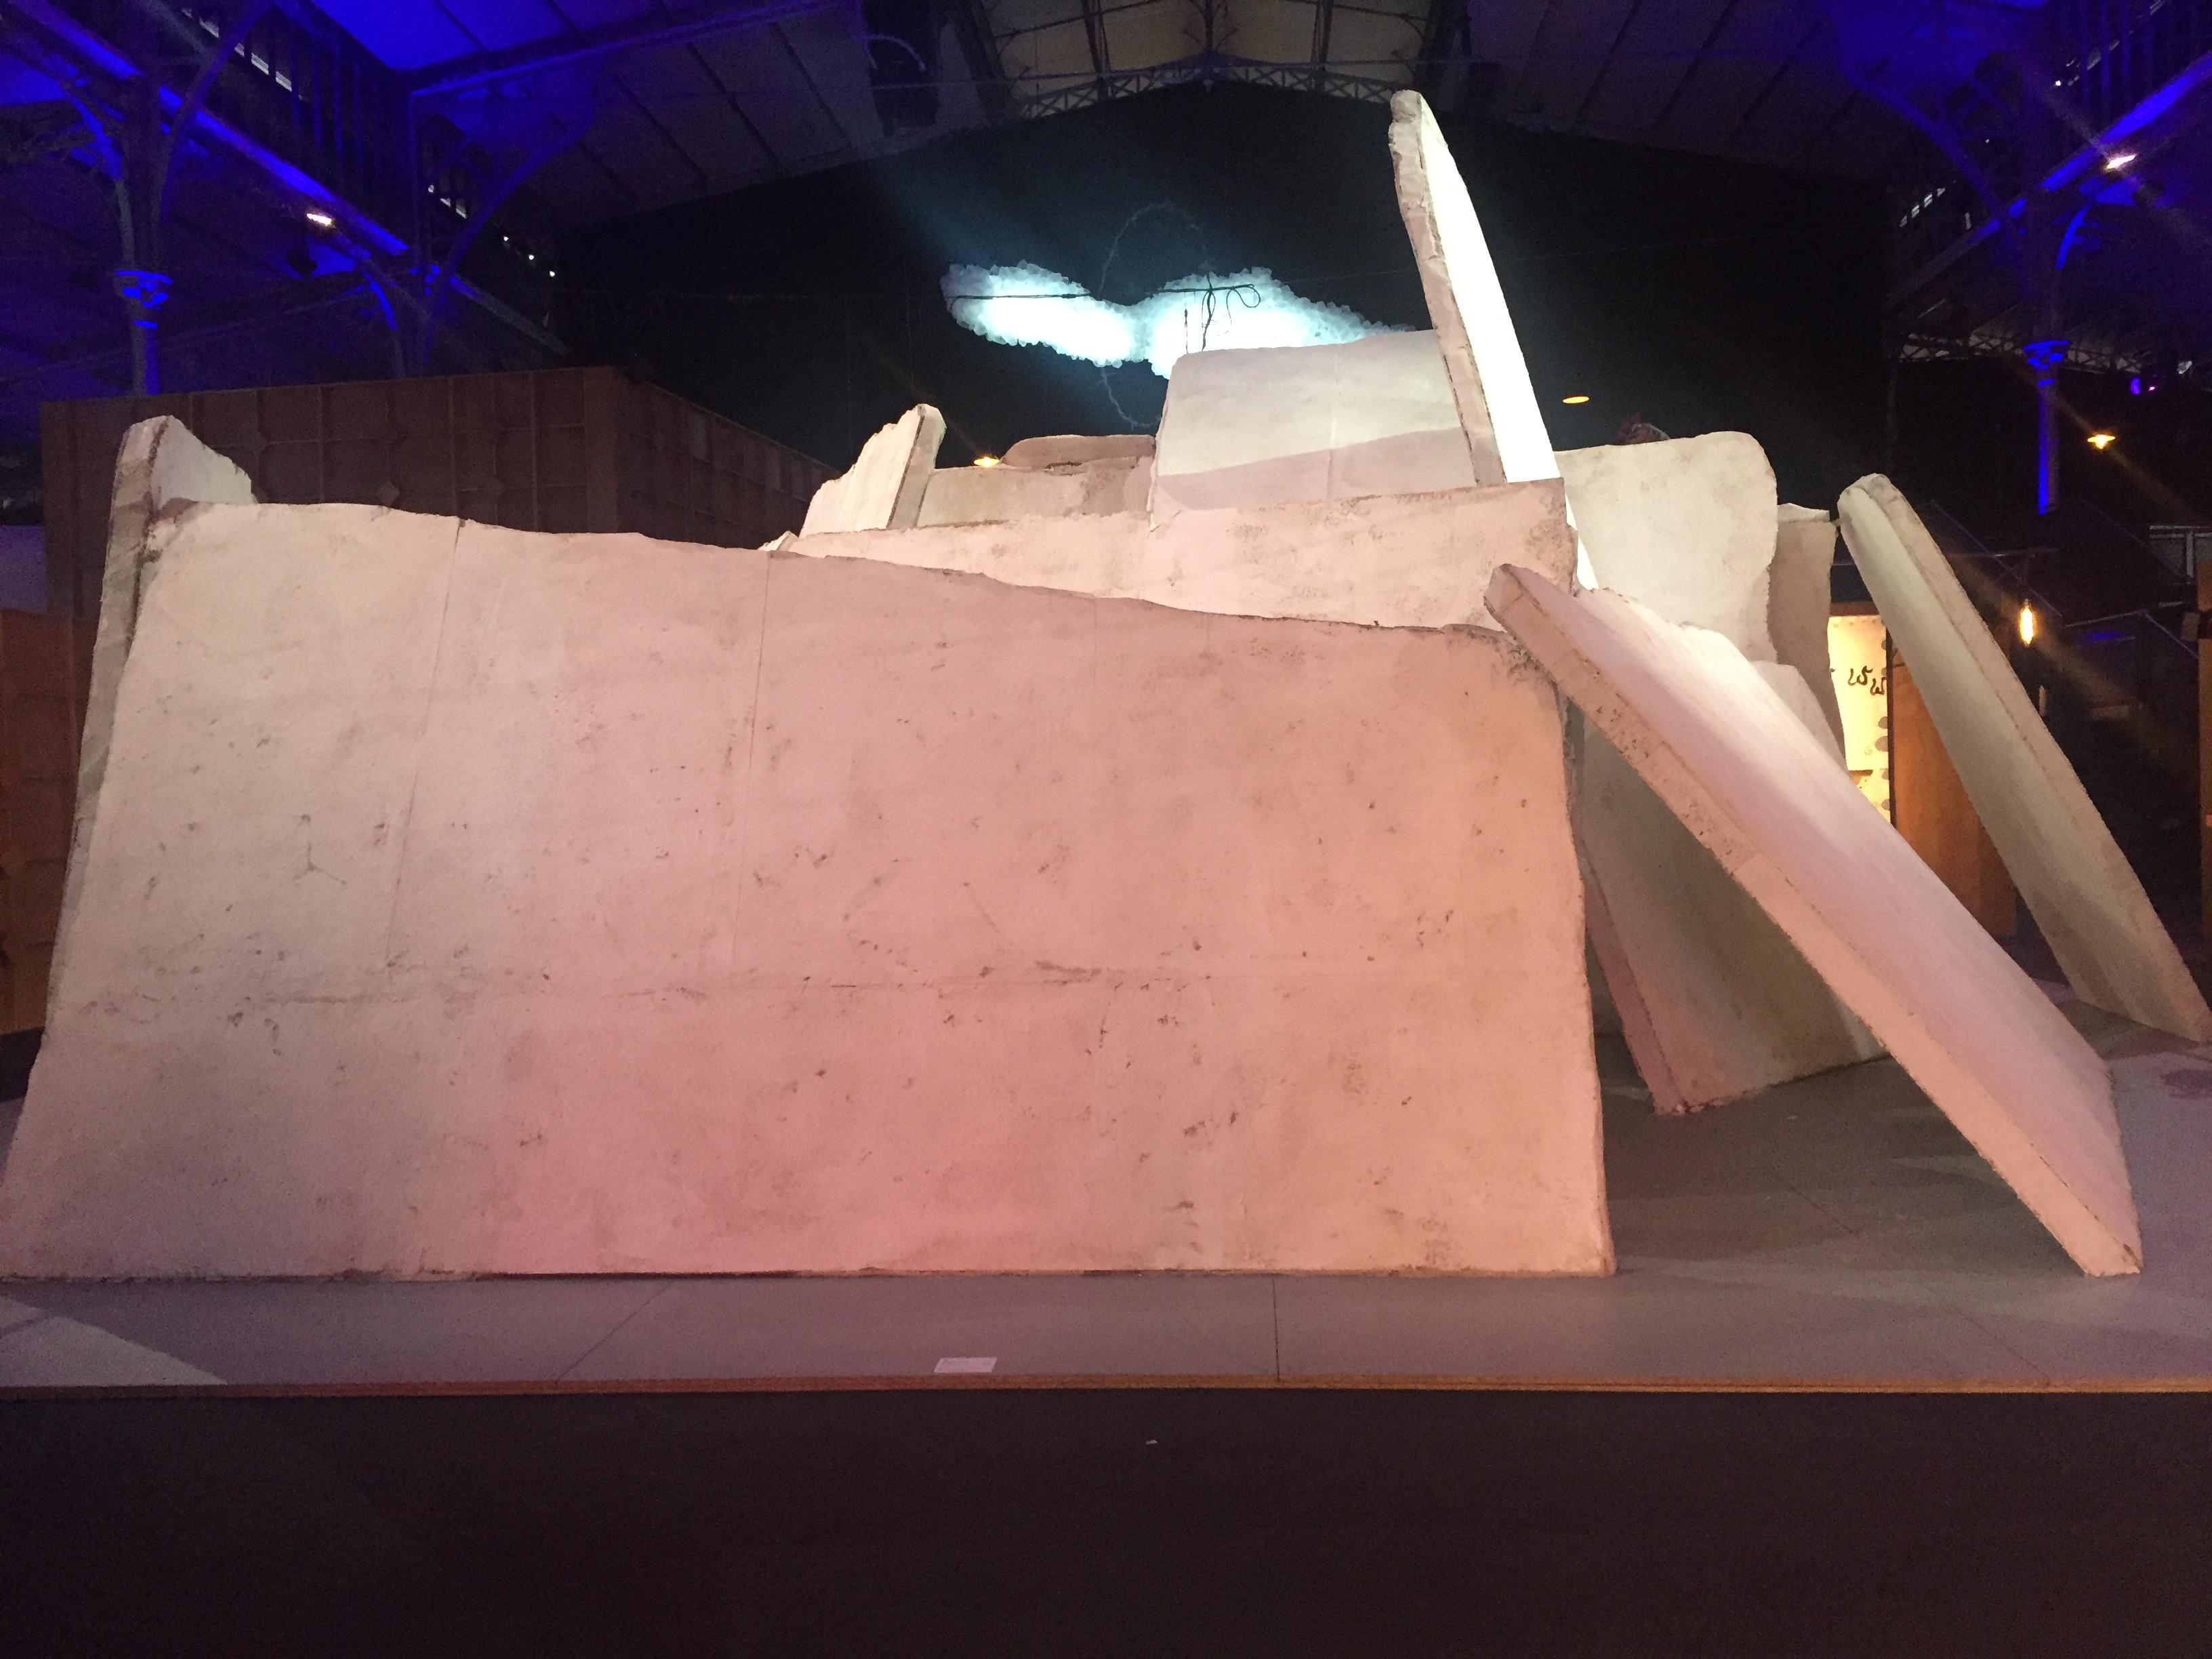 [100% Afrique] Expo Afriques Capitales : Labyrinth de Youssef Limoud